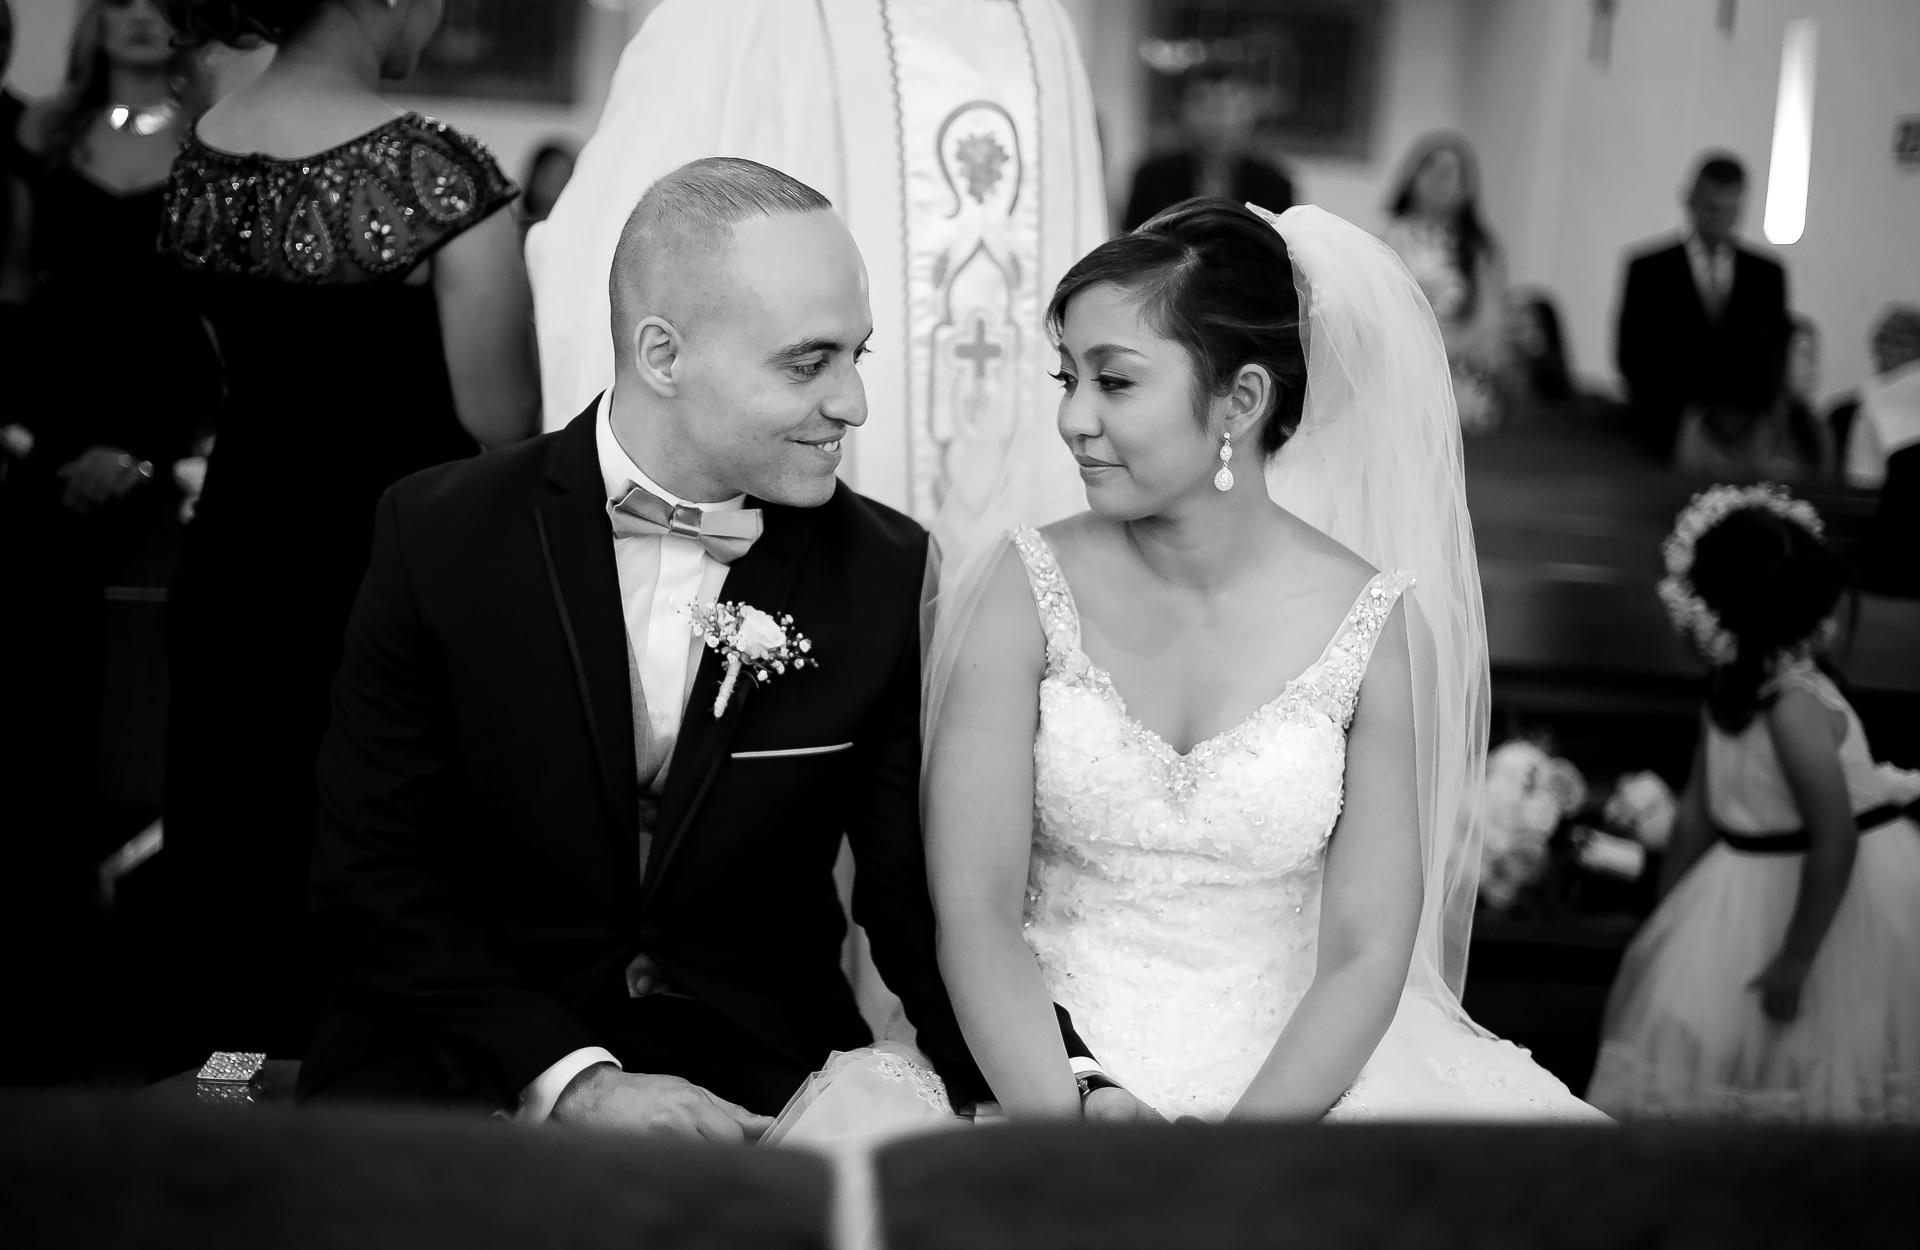 Fotógrafos-de-bodas-en-Colombia-Fidel-y-Benneth-8 FIDEL + BENNETH